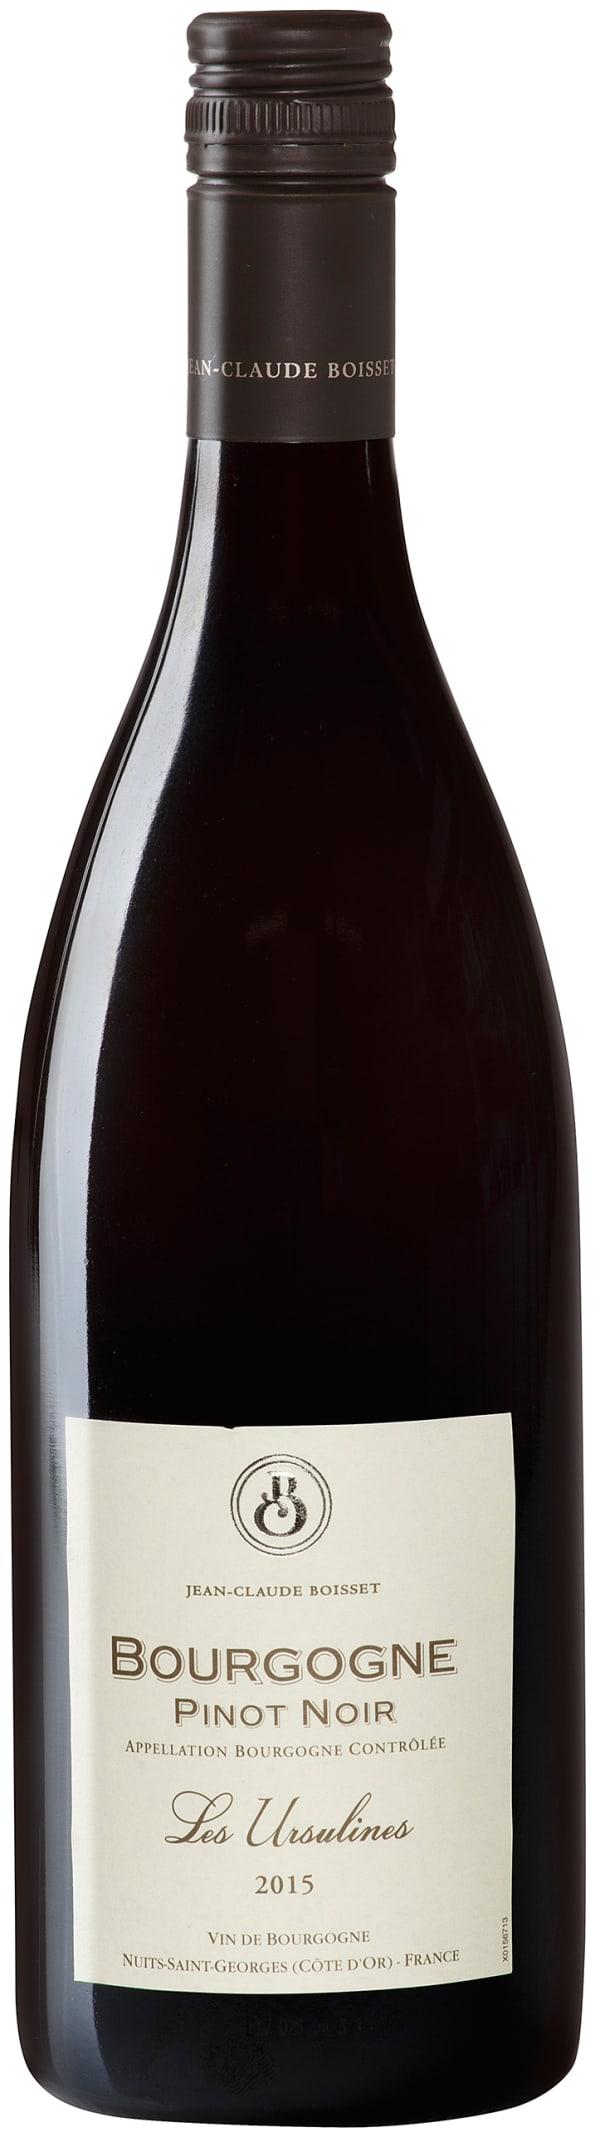 Jean-Claude Boisset Les Ursulines Pinot Noir 2017